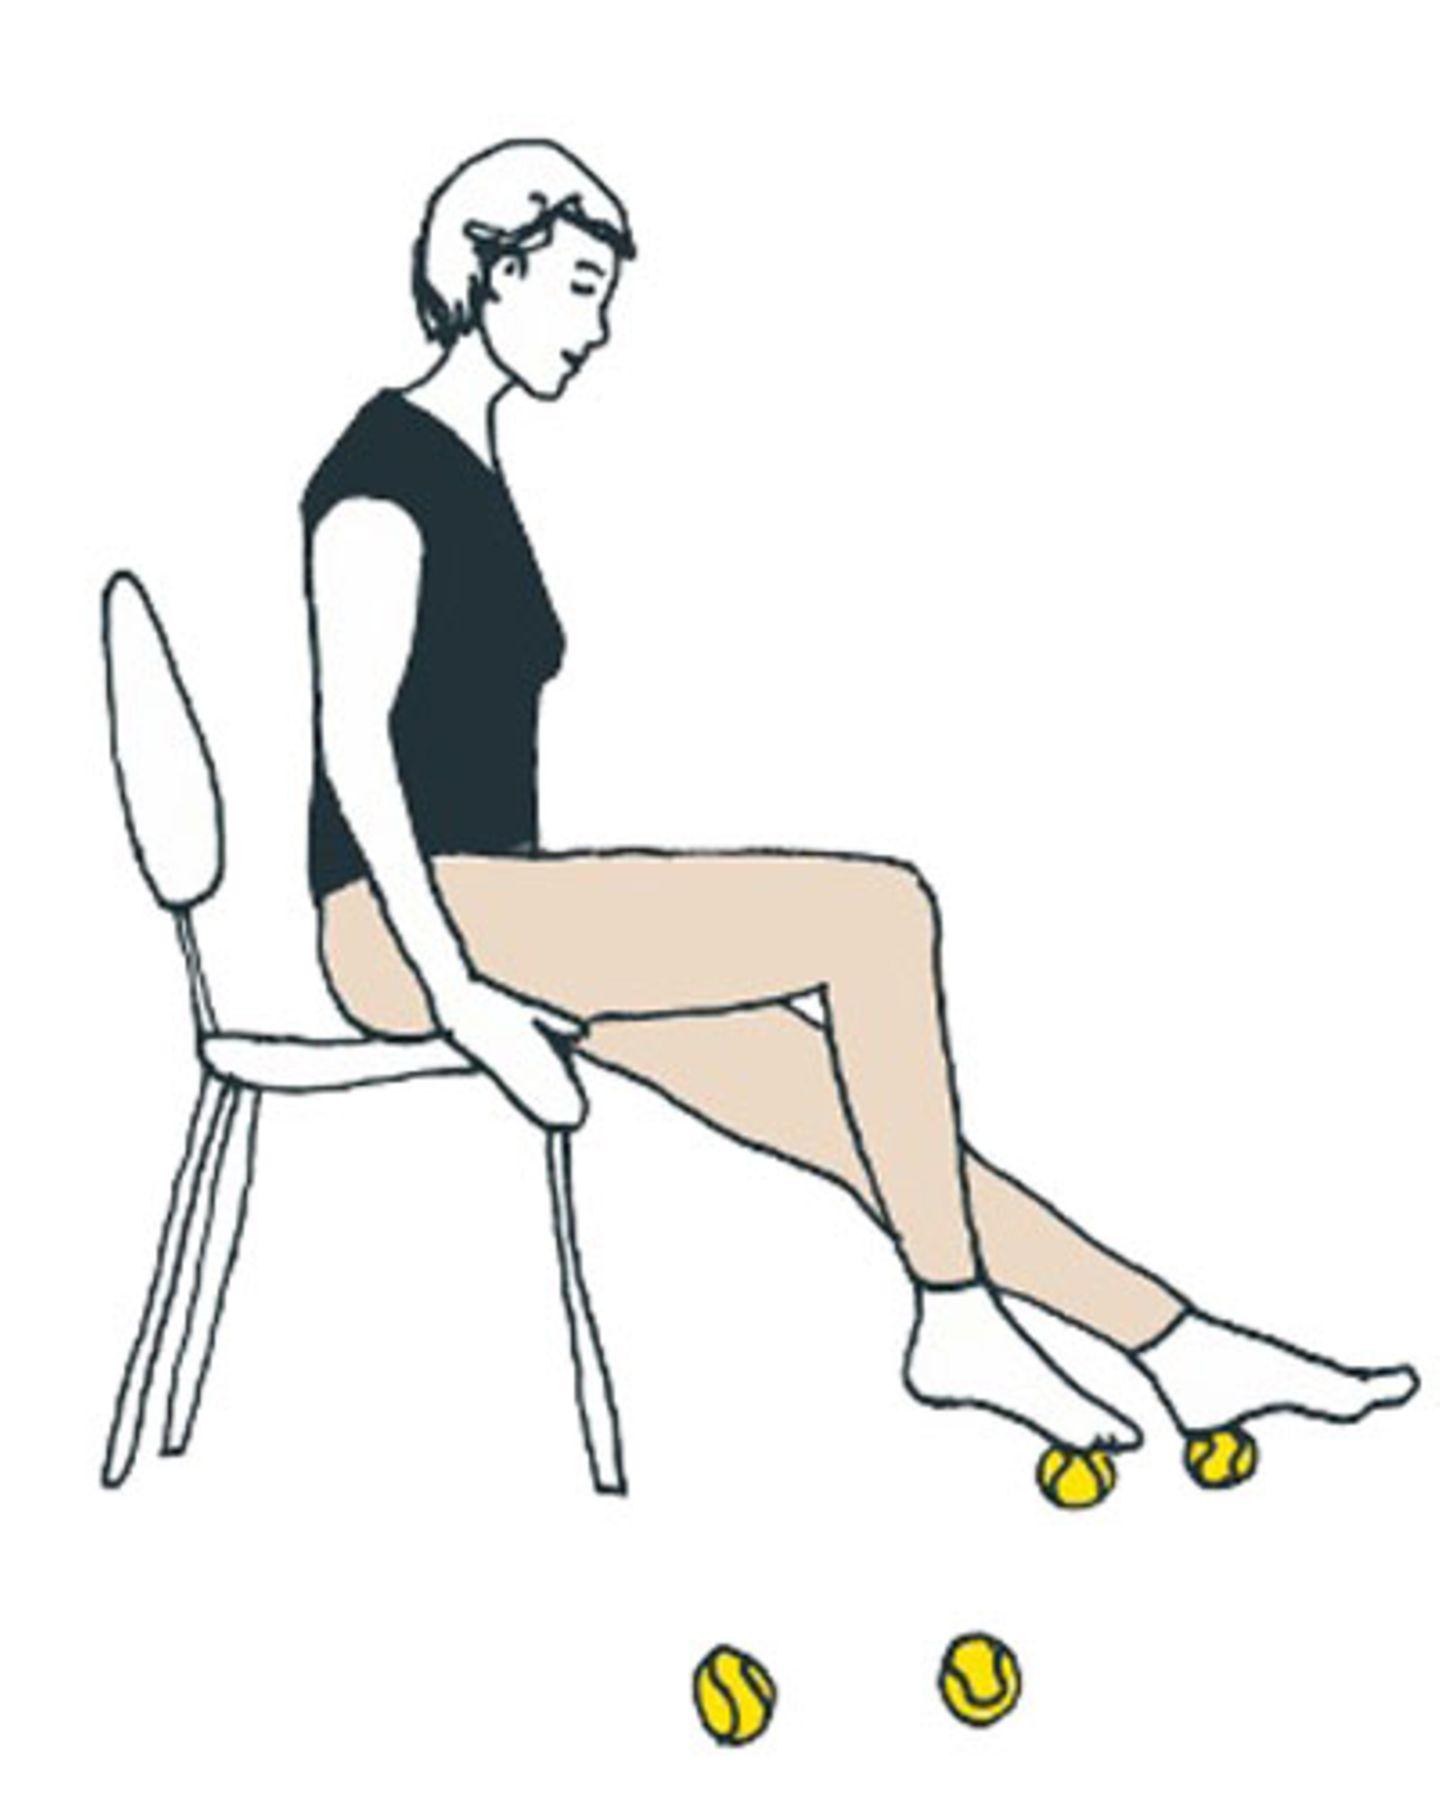 Die besten Übungen gegen Schmerzen im Knie